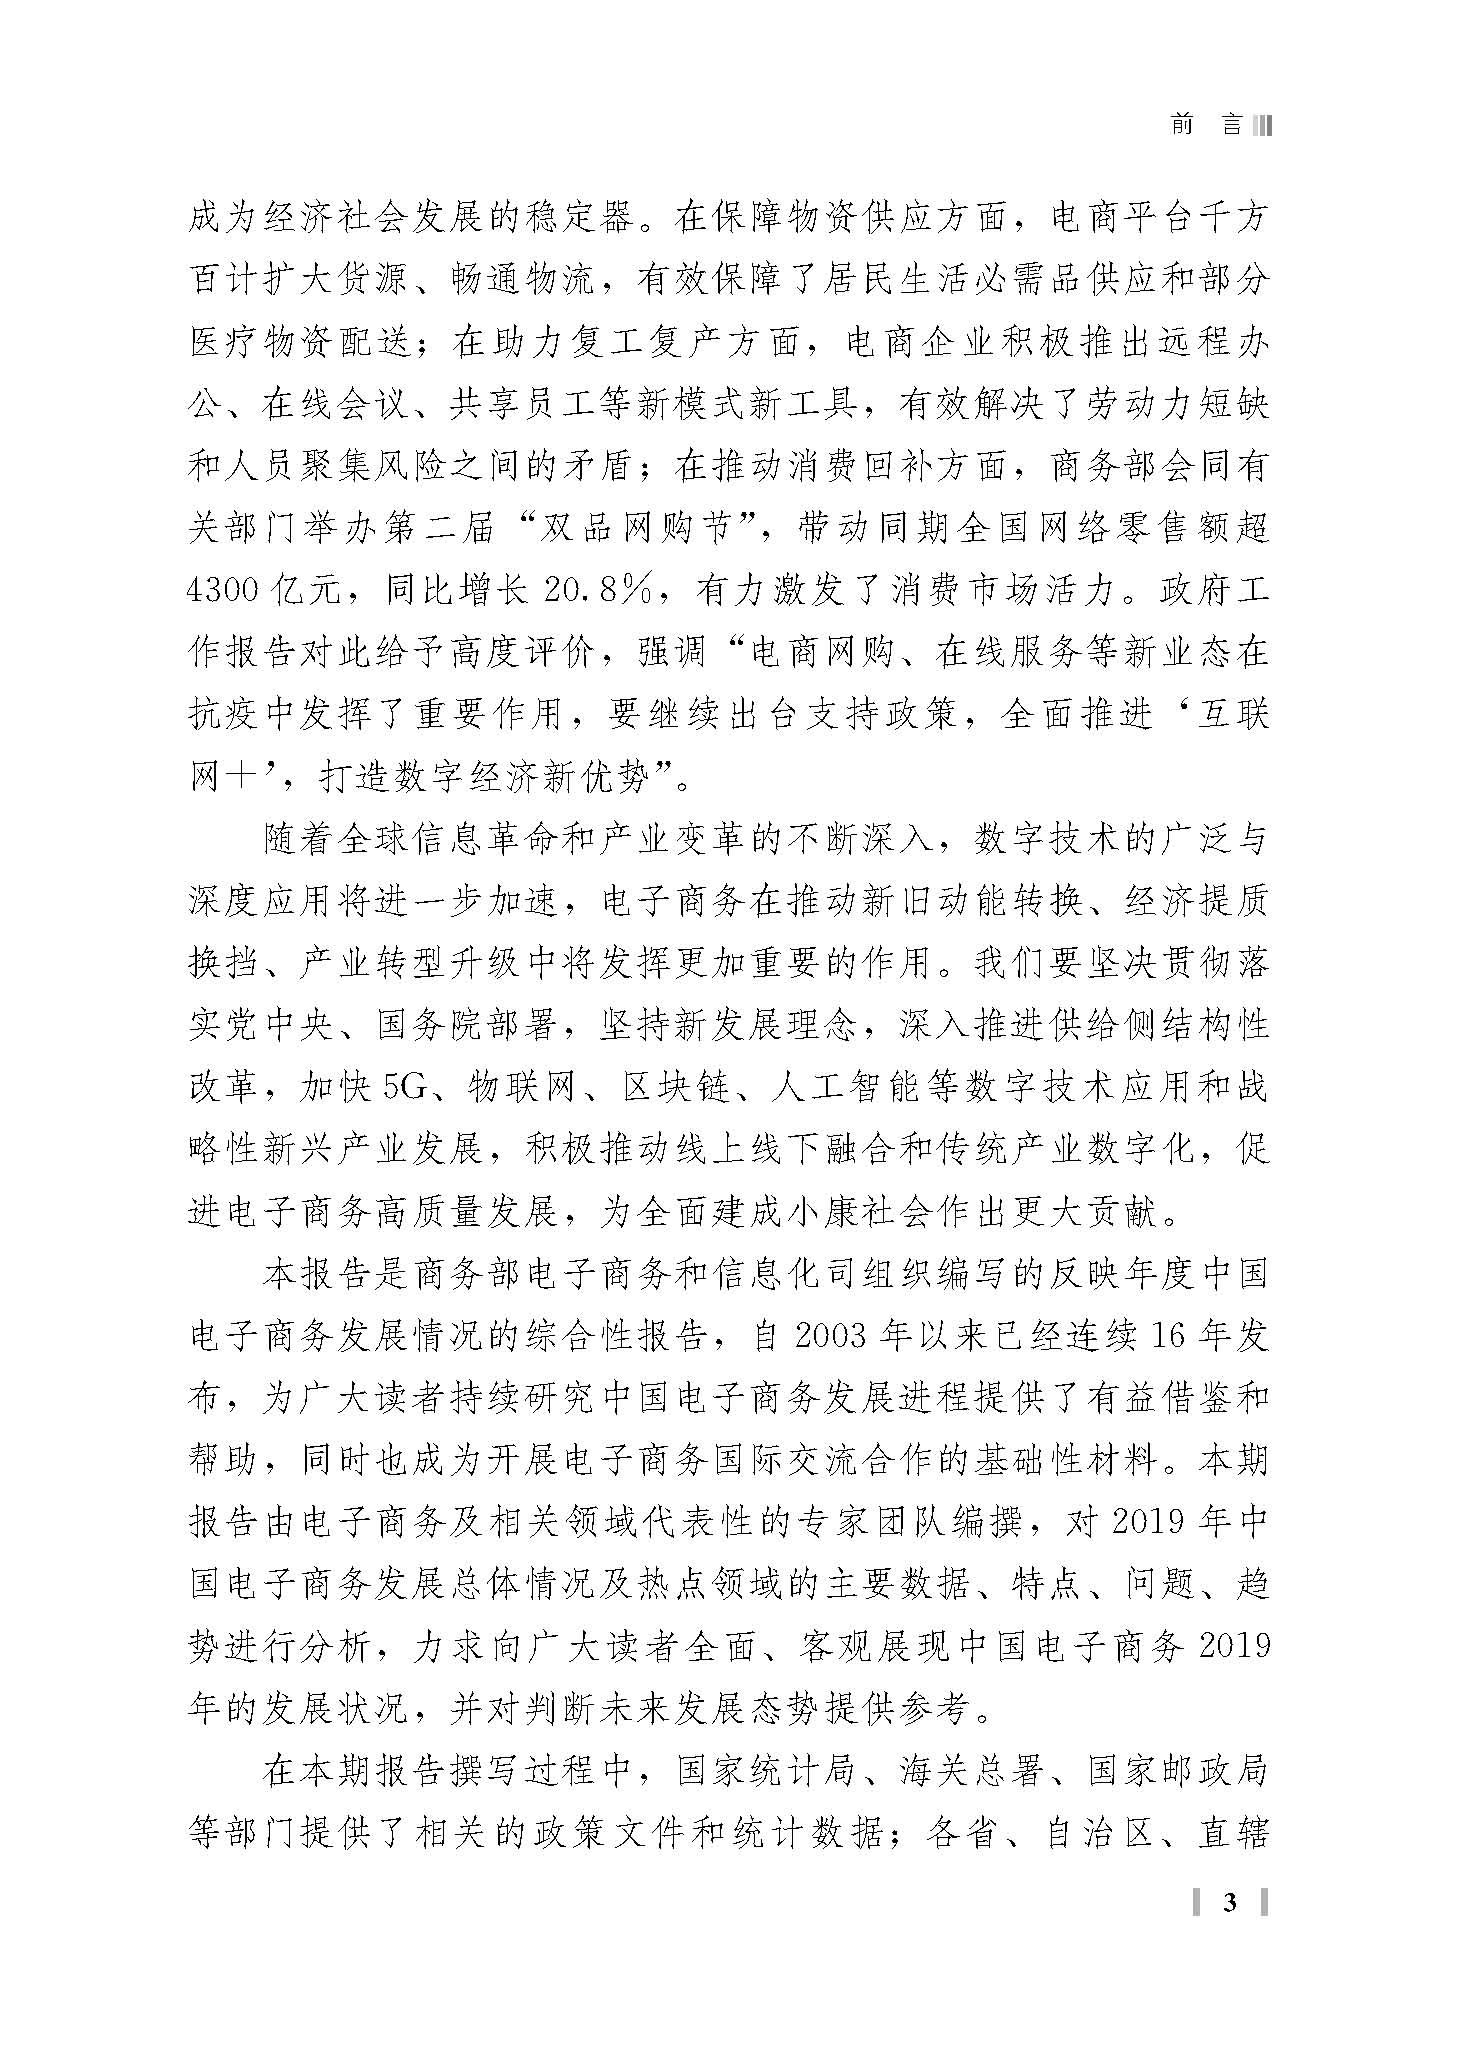 大数据研究报告,商务部:2019中国电子商务报告(182页)!